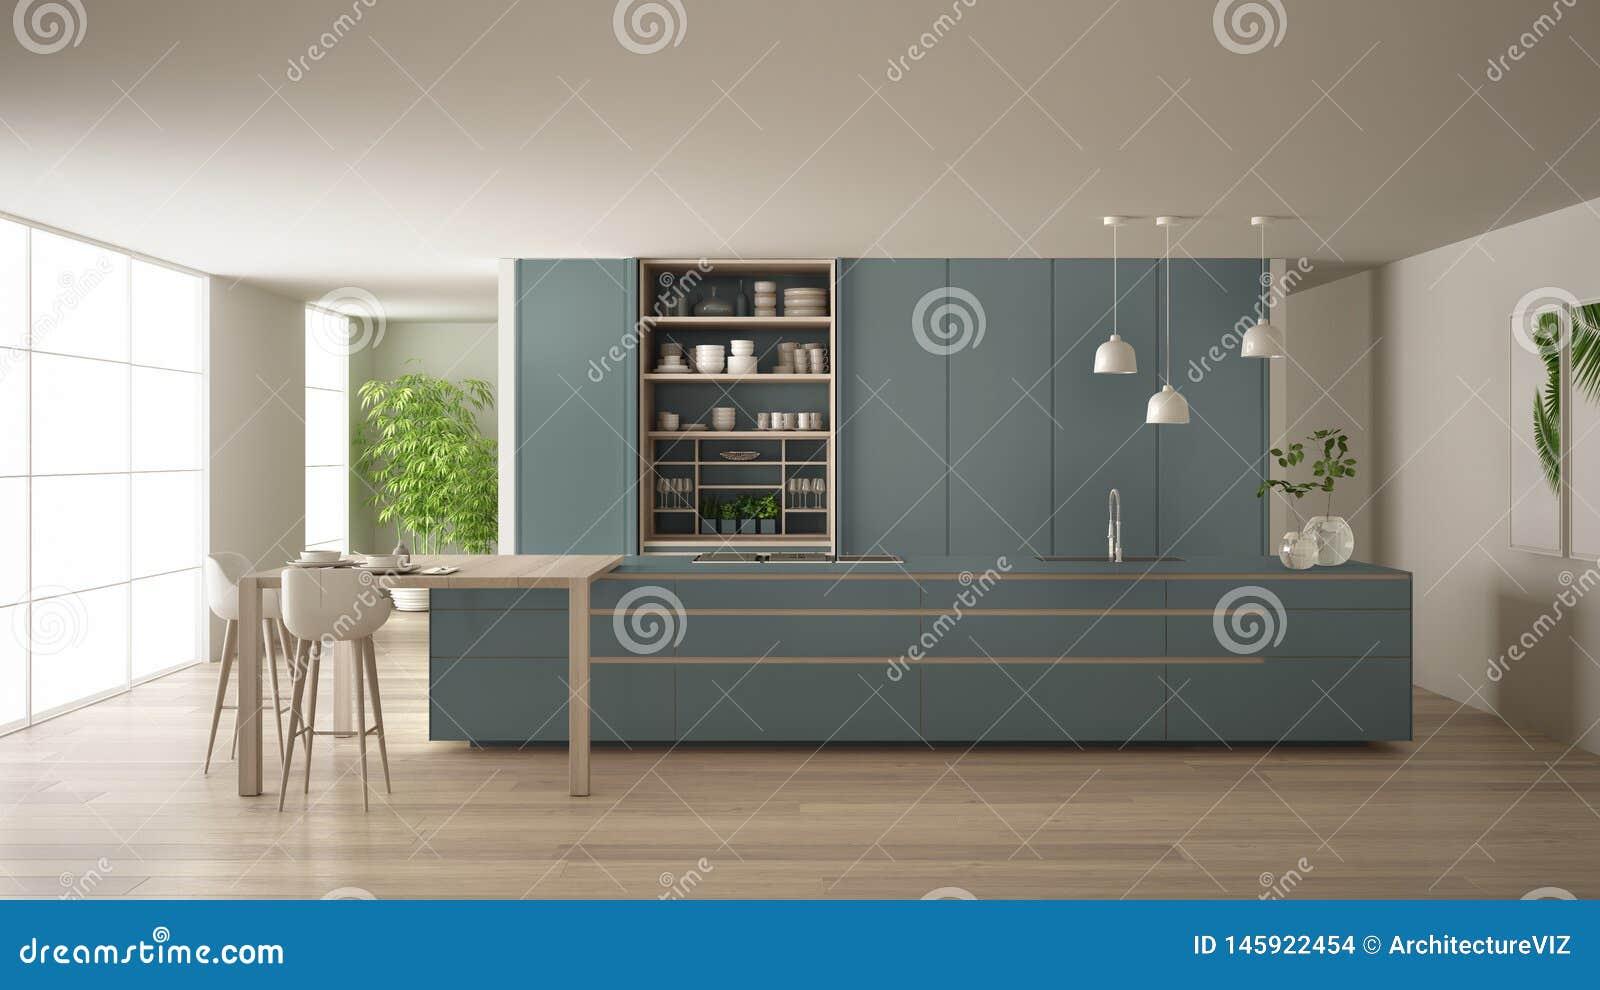 Weie Und Blaue Unbedeutende Kche Eco In Freundlicher Wohnung, In Der Insel, In Der Tabelle, In ...